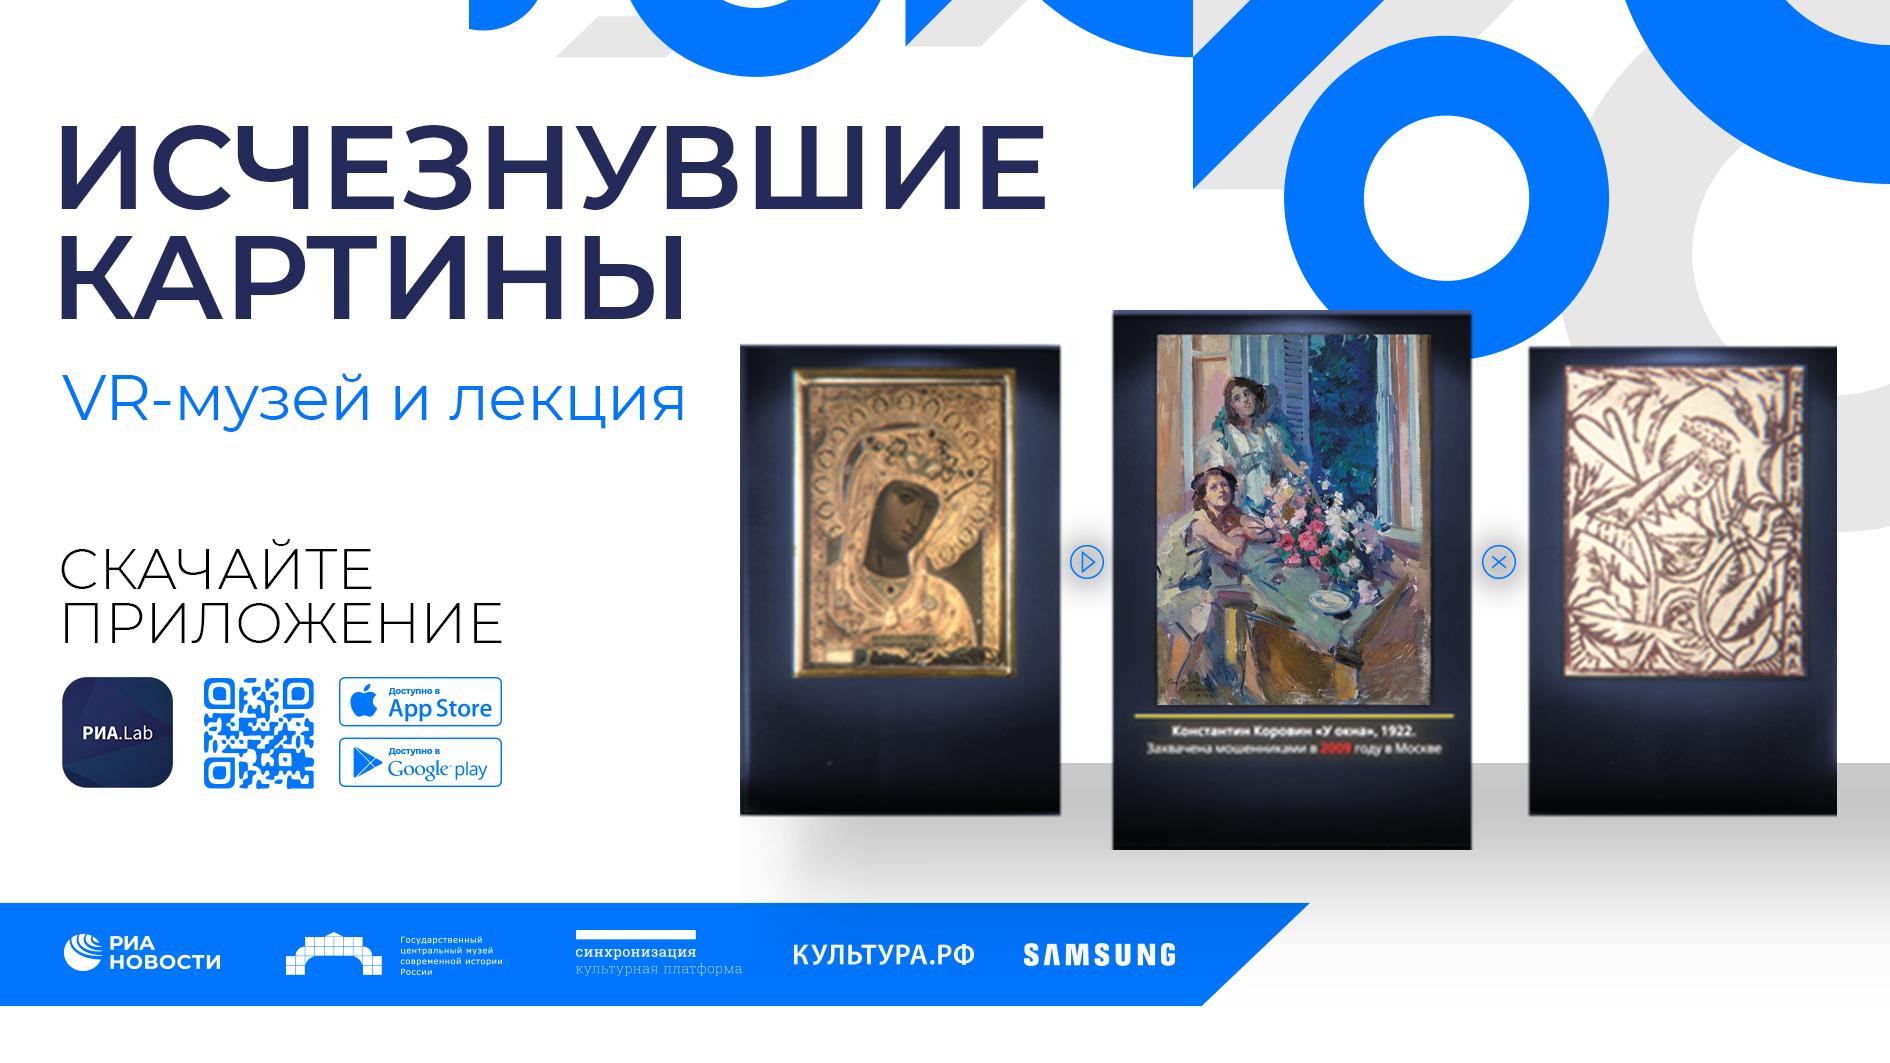 Samsung Electronics выступит технологическим партнером VR-проекта РИА Новости «Музей исчезнувших картин»